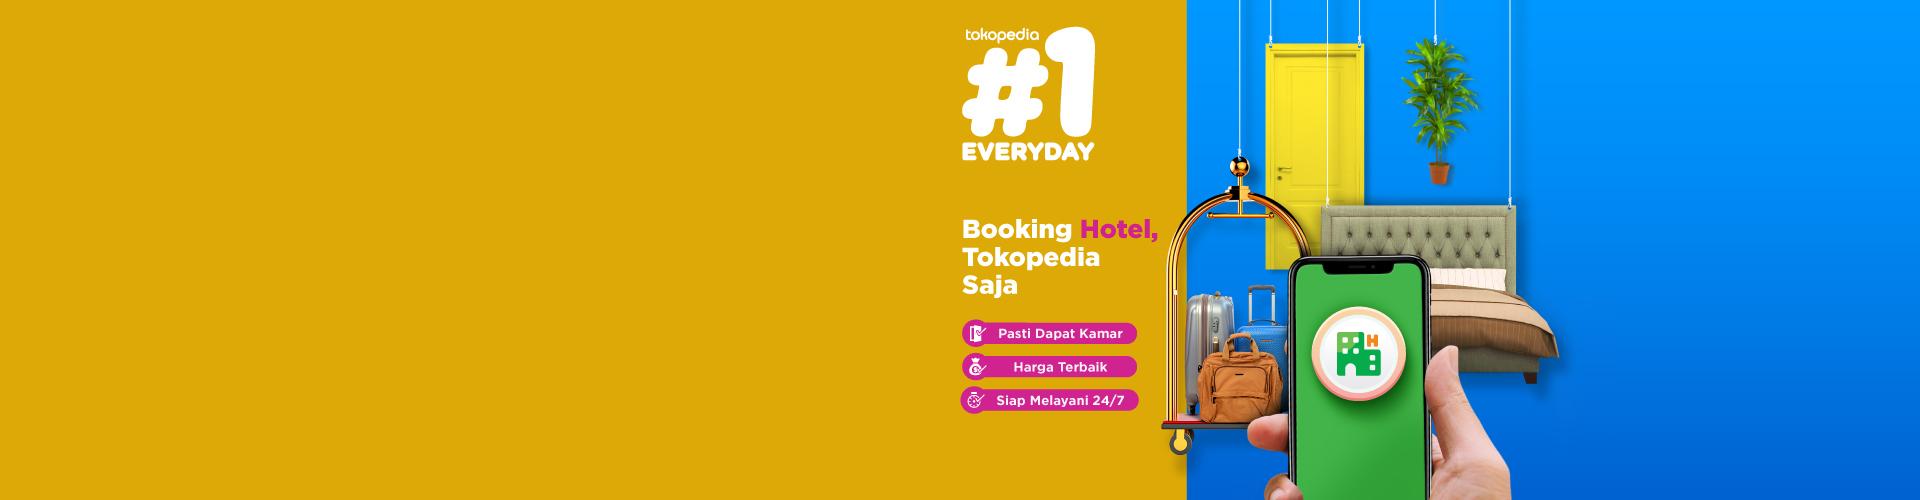 Kini booking hotel sudah bisa lewat Tokopedia loh, ayo update aplikasimu untuk mendapatkan fitur ini!